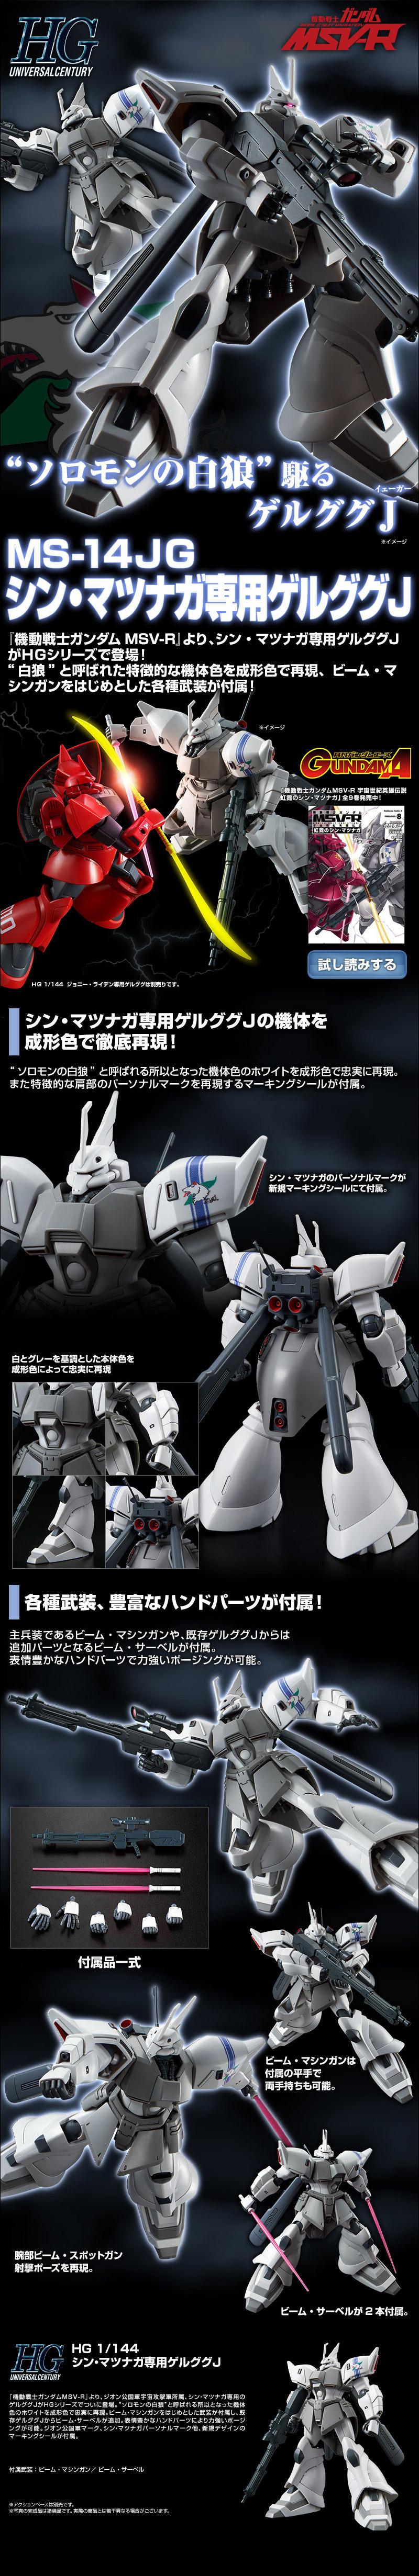 P-Bandai HG Gelgoog Jager Shin Matsunaga Custom Details